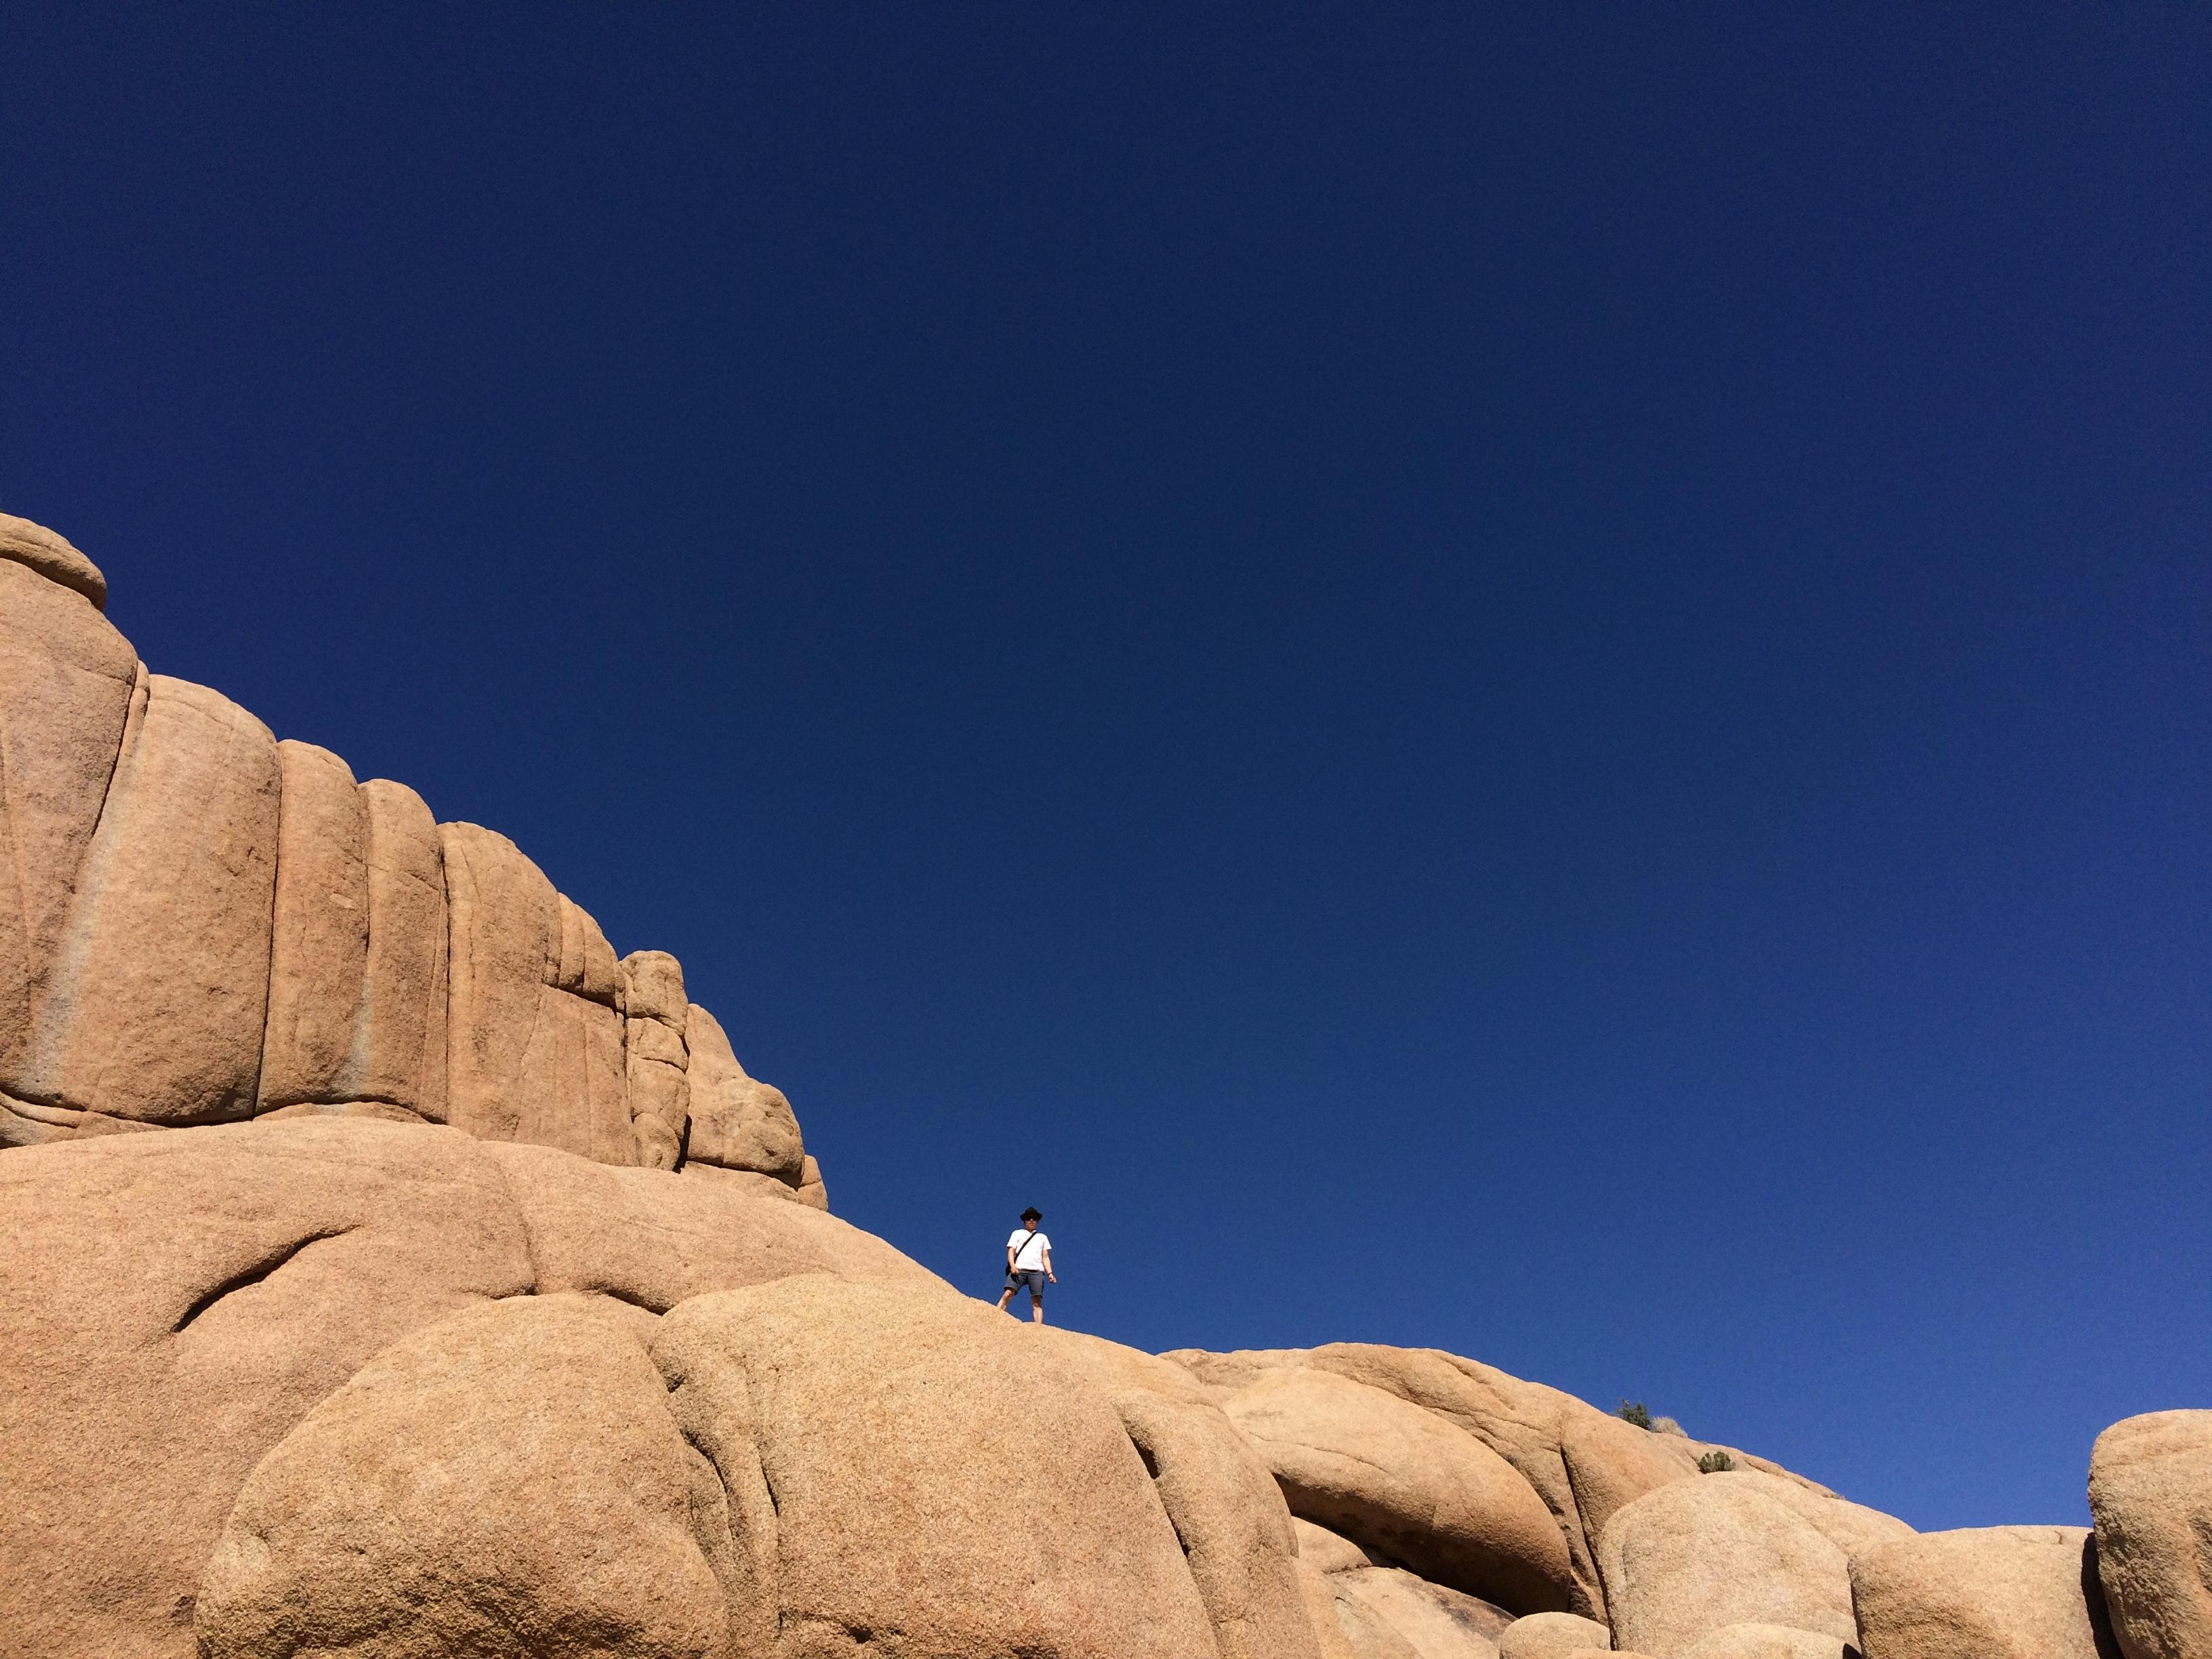 Joshua Tree, Jumbo Rocks, Justin